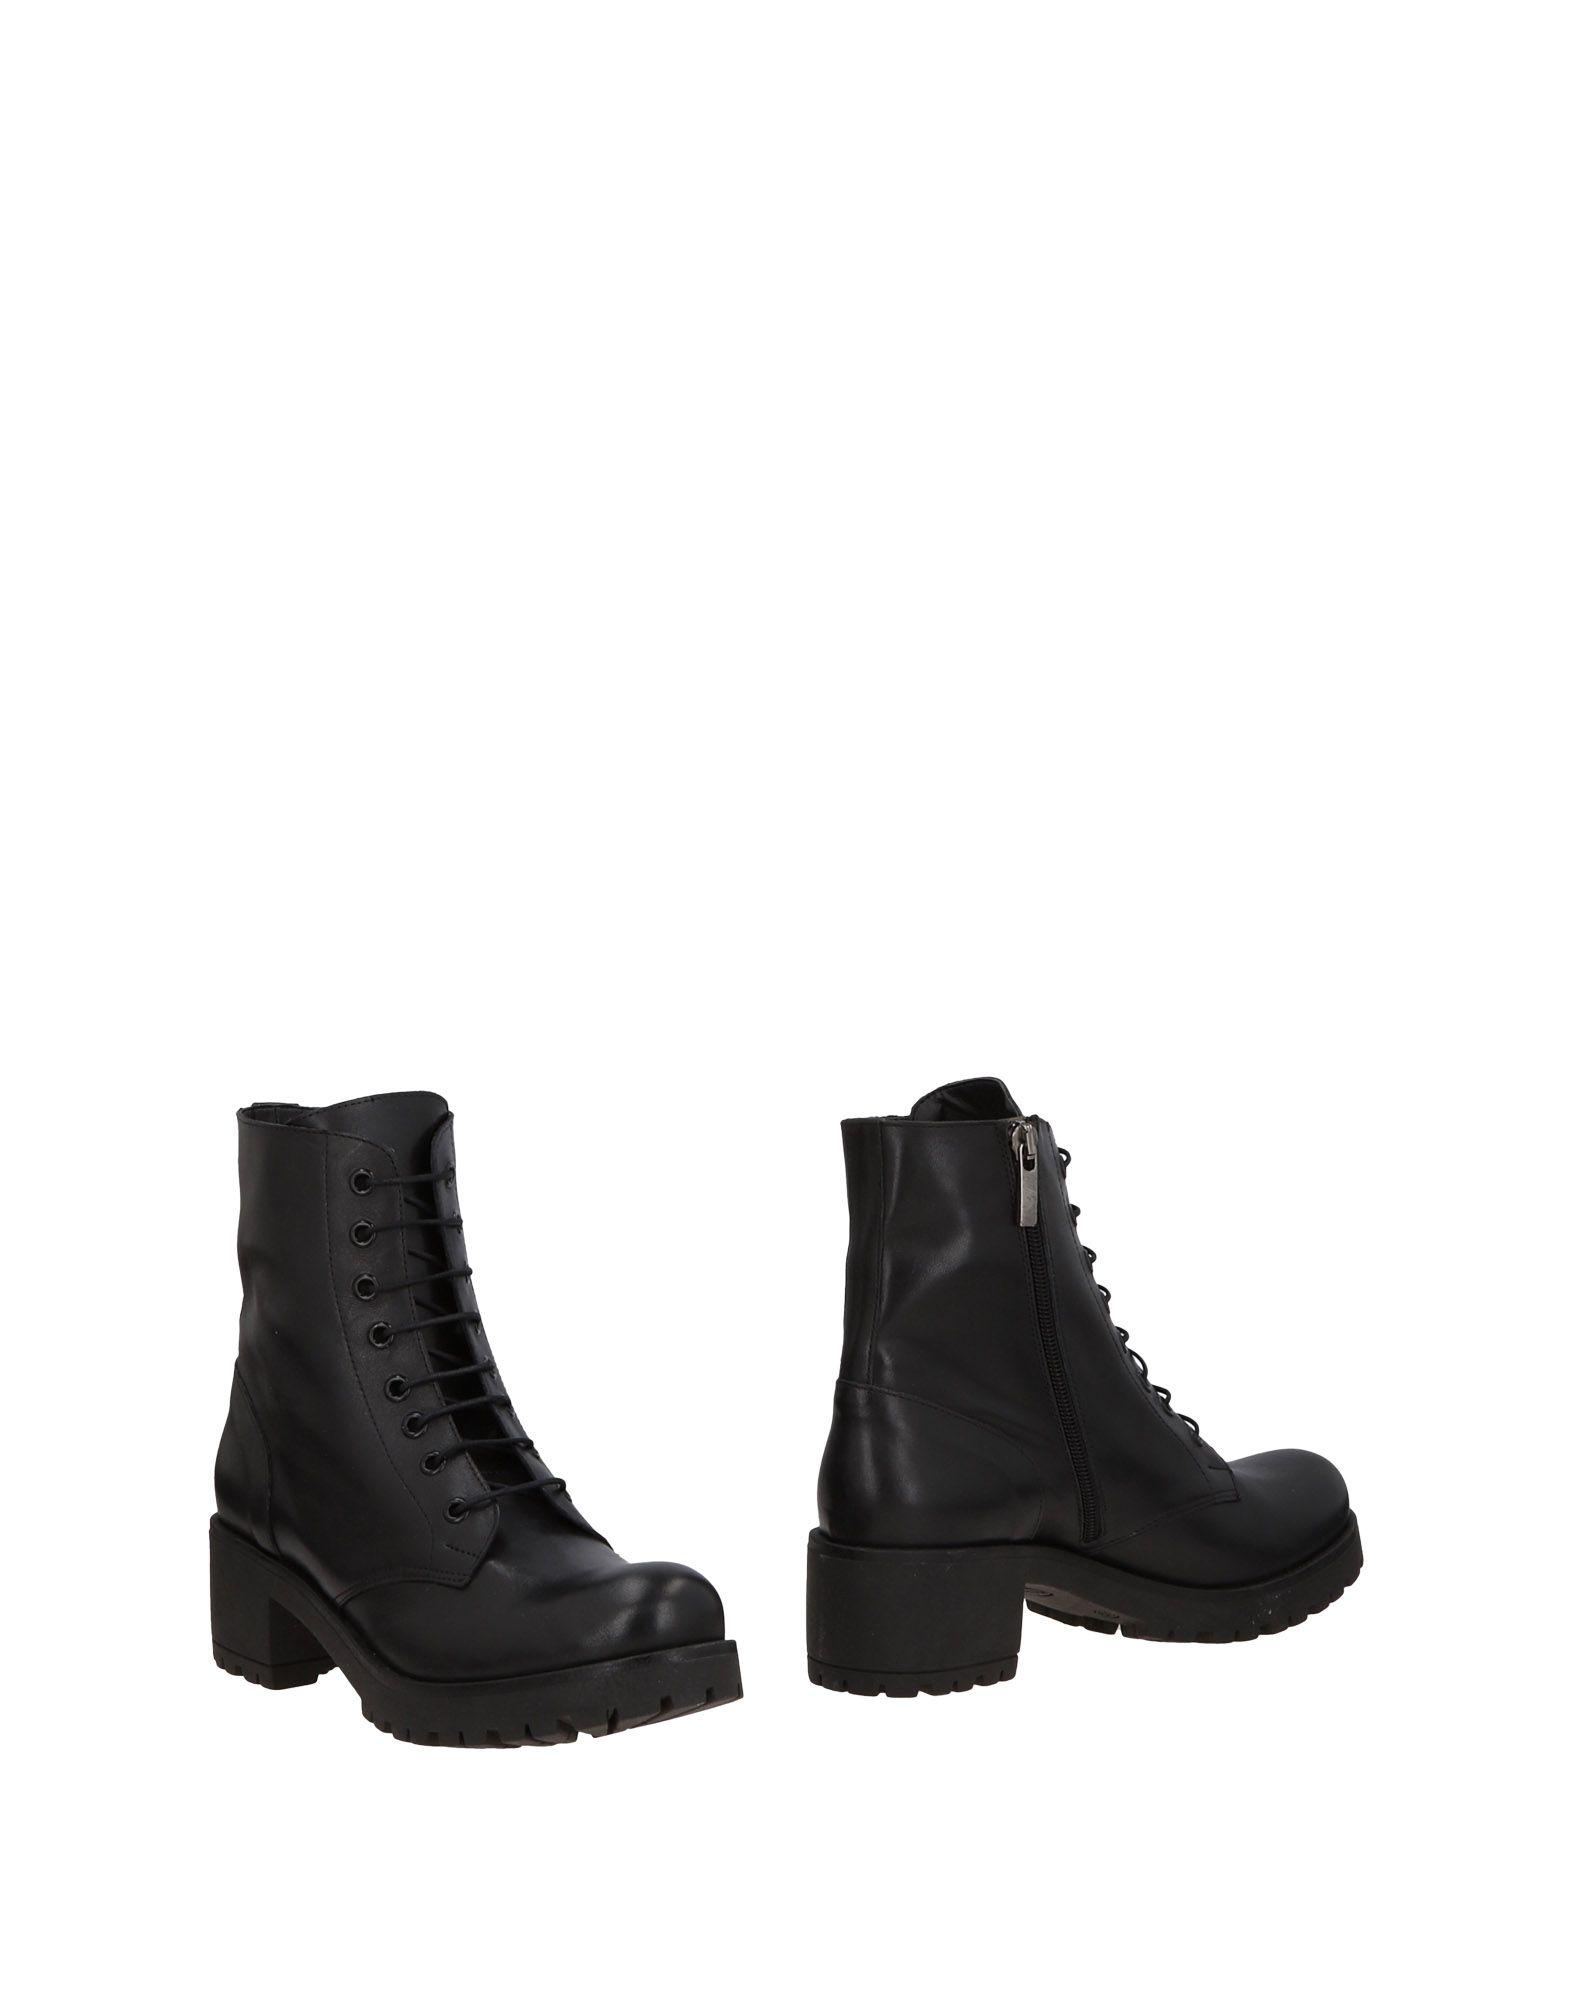 Unlace Stiefelette Damen  11474655SM Gute Qualität beliebte Schuhe